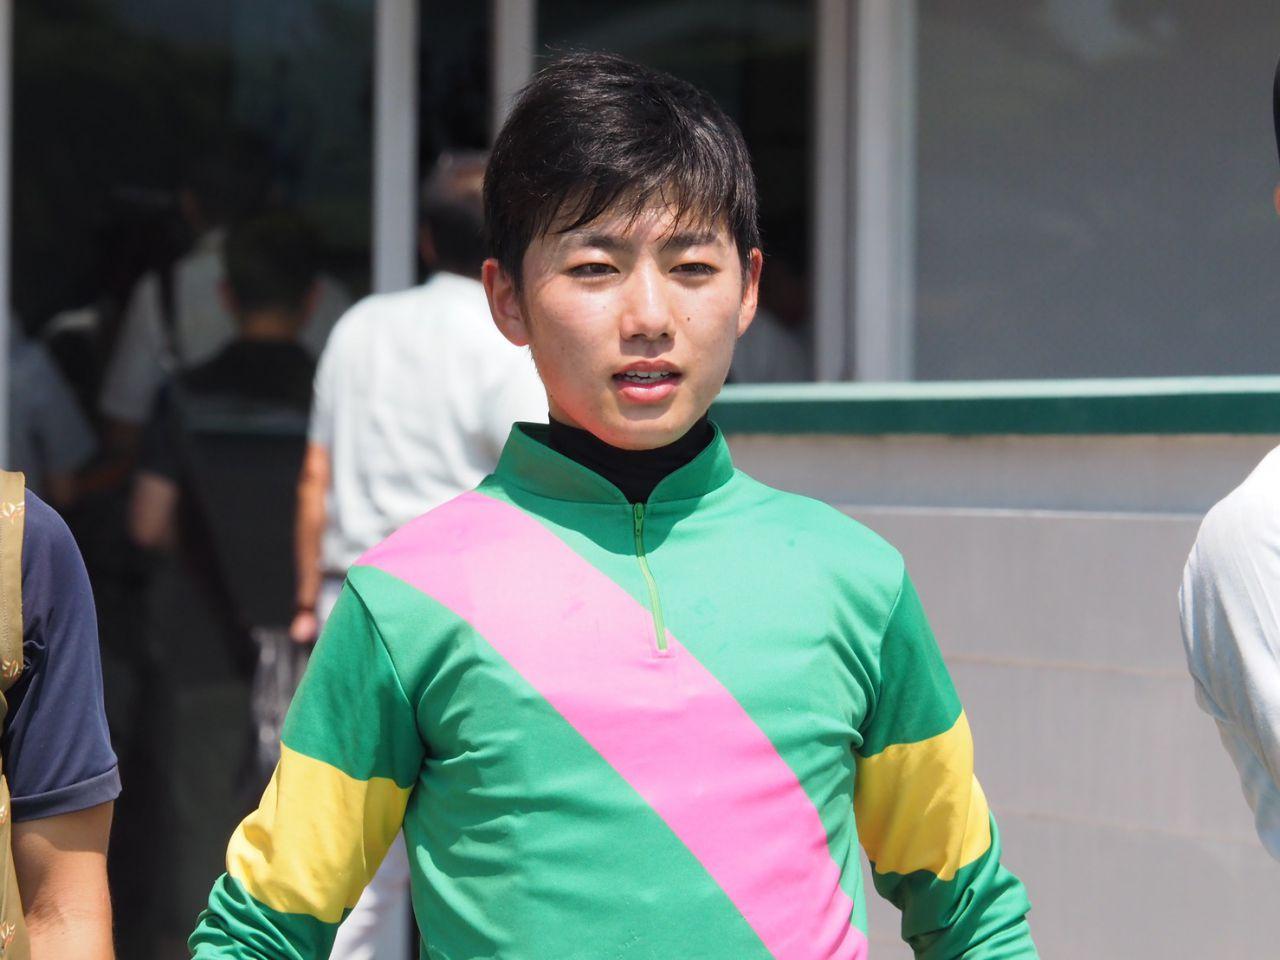 2019年度「関西競馬記者クラブ賞」は矢作芳人調教師が受賞